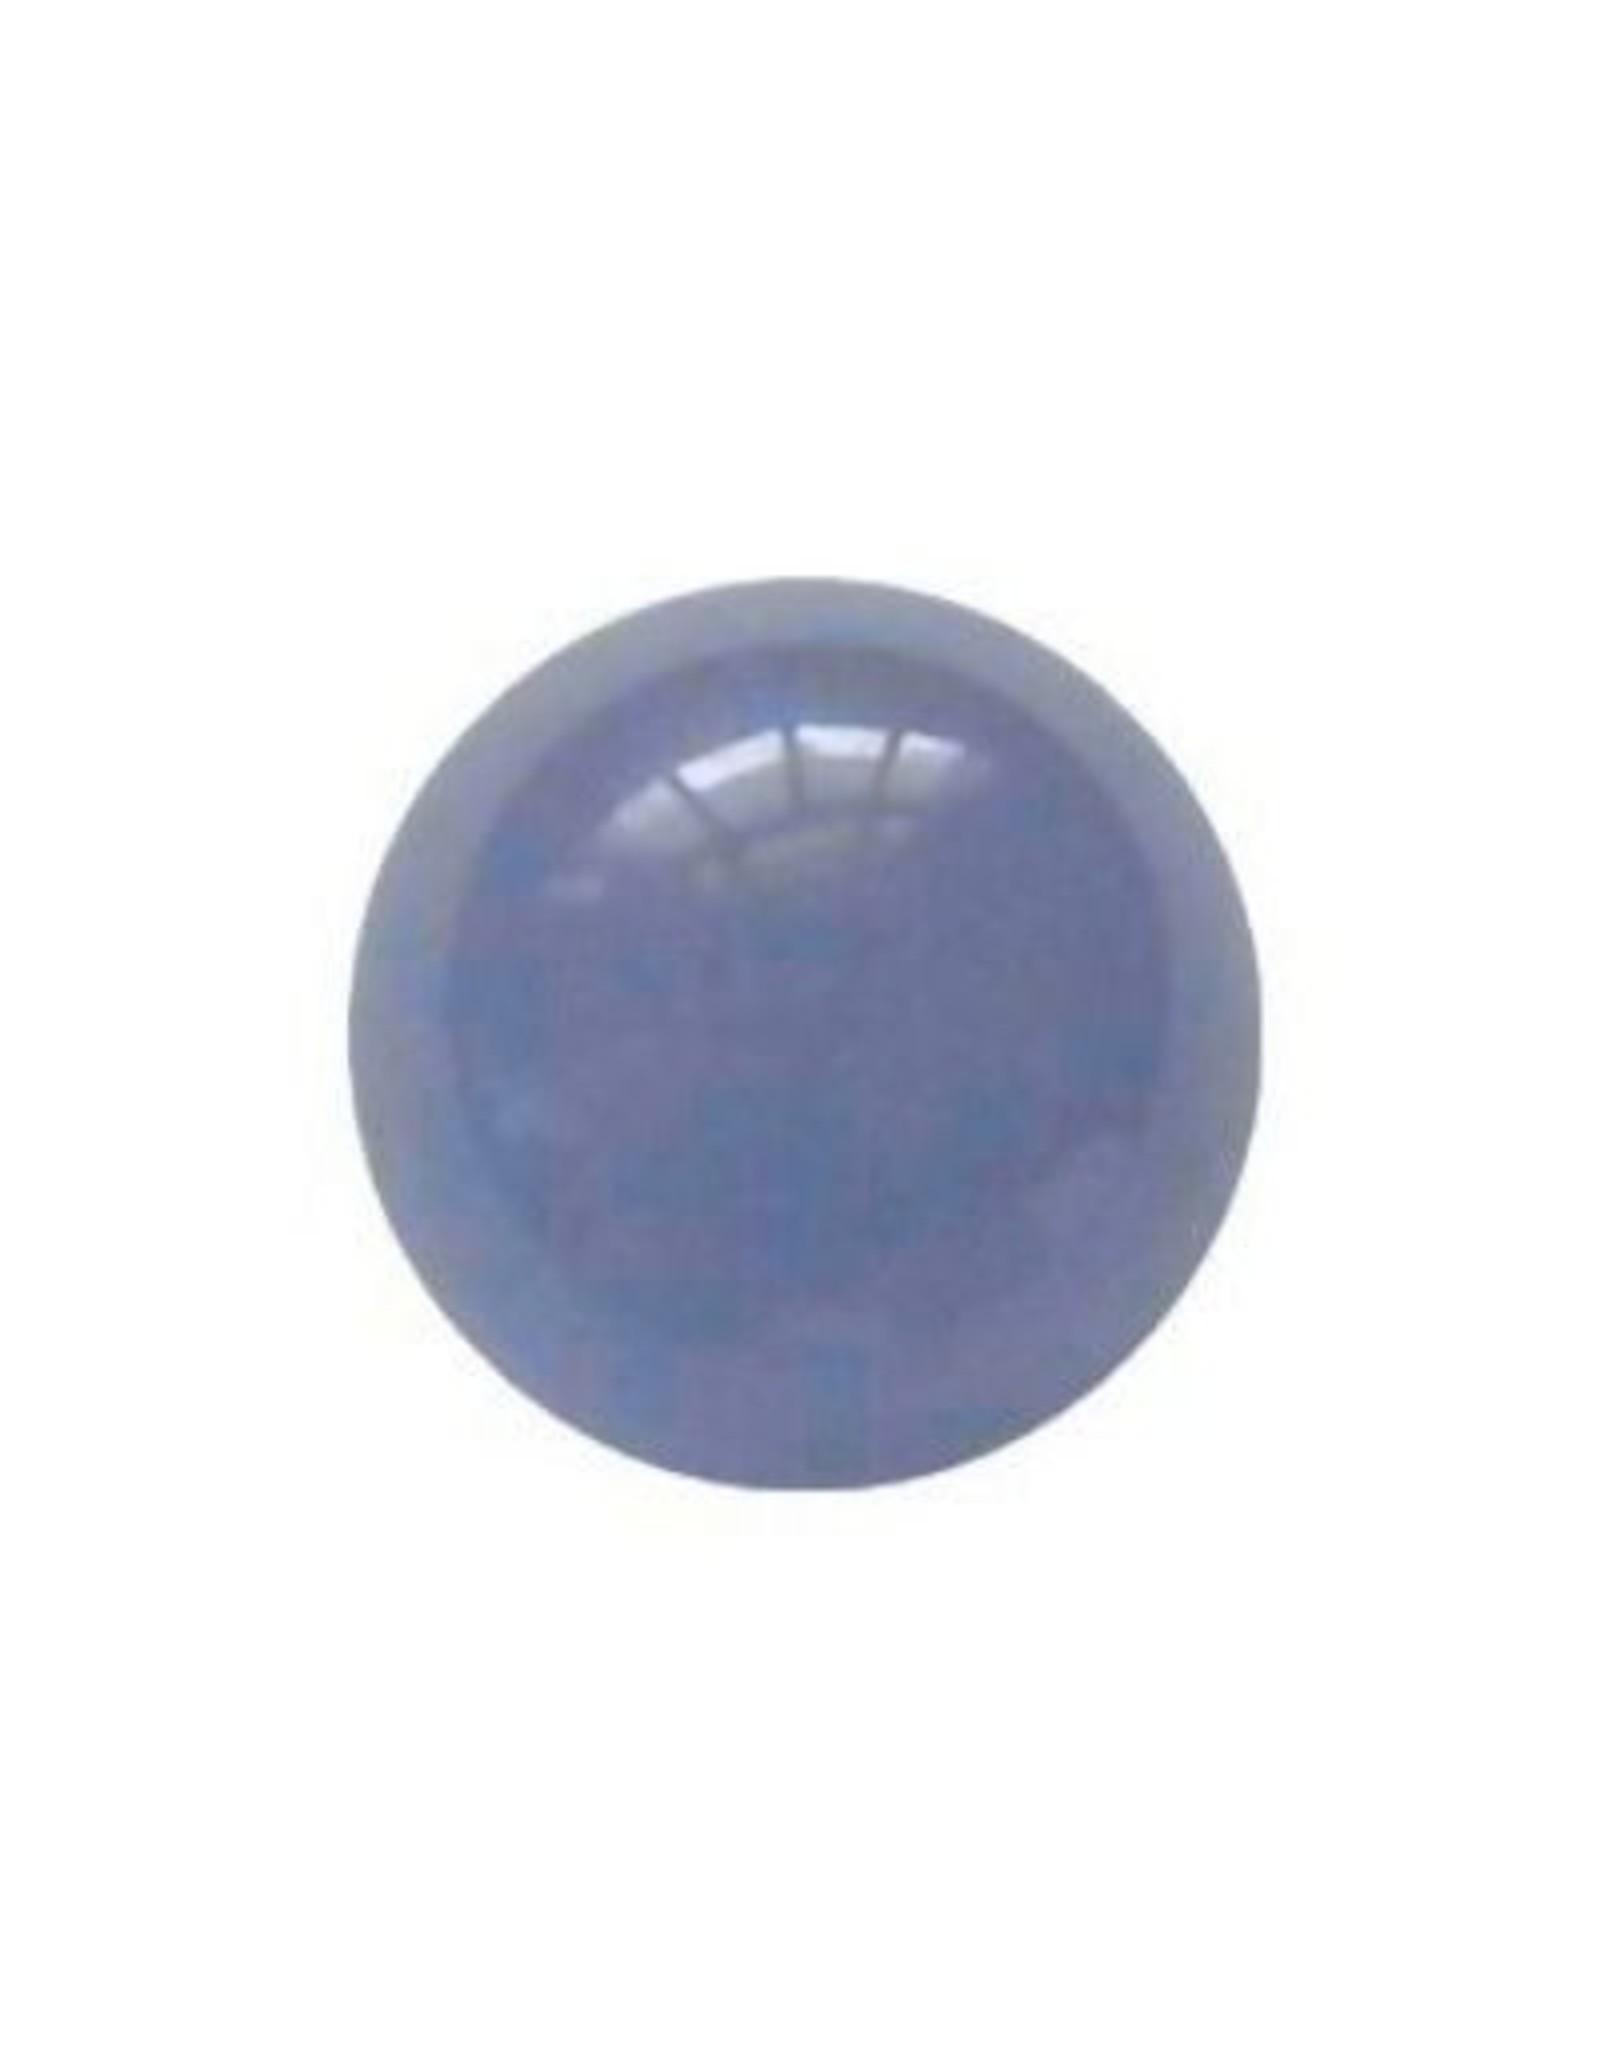 Wisselsteen Agaat blauw 10 mm